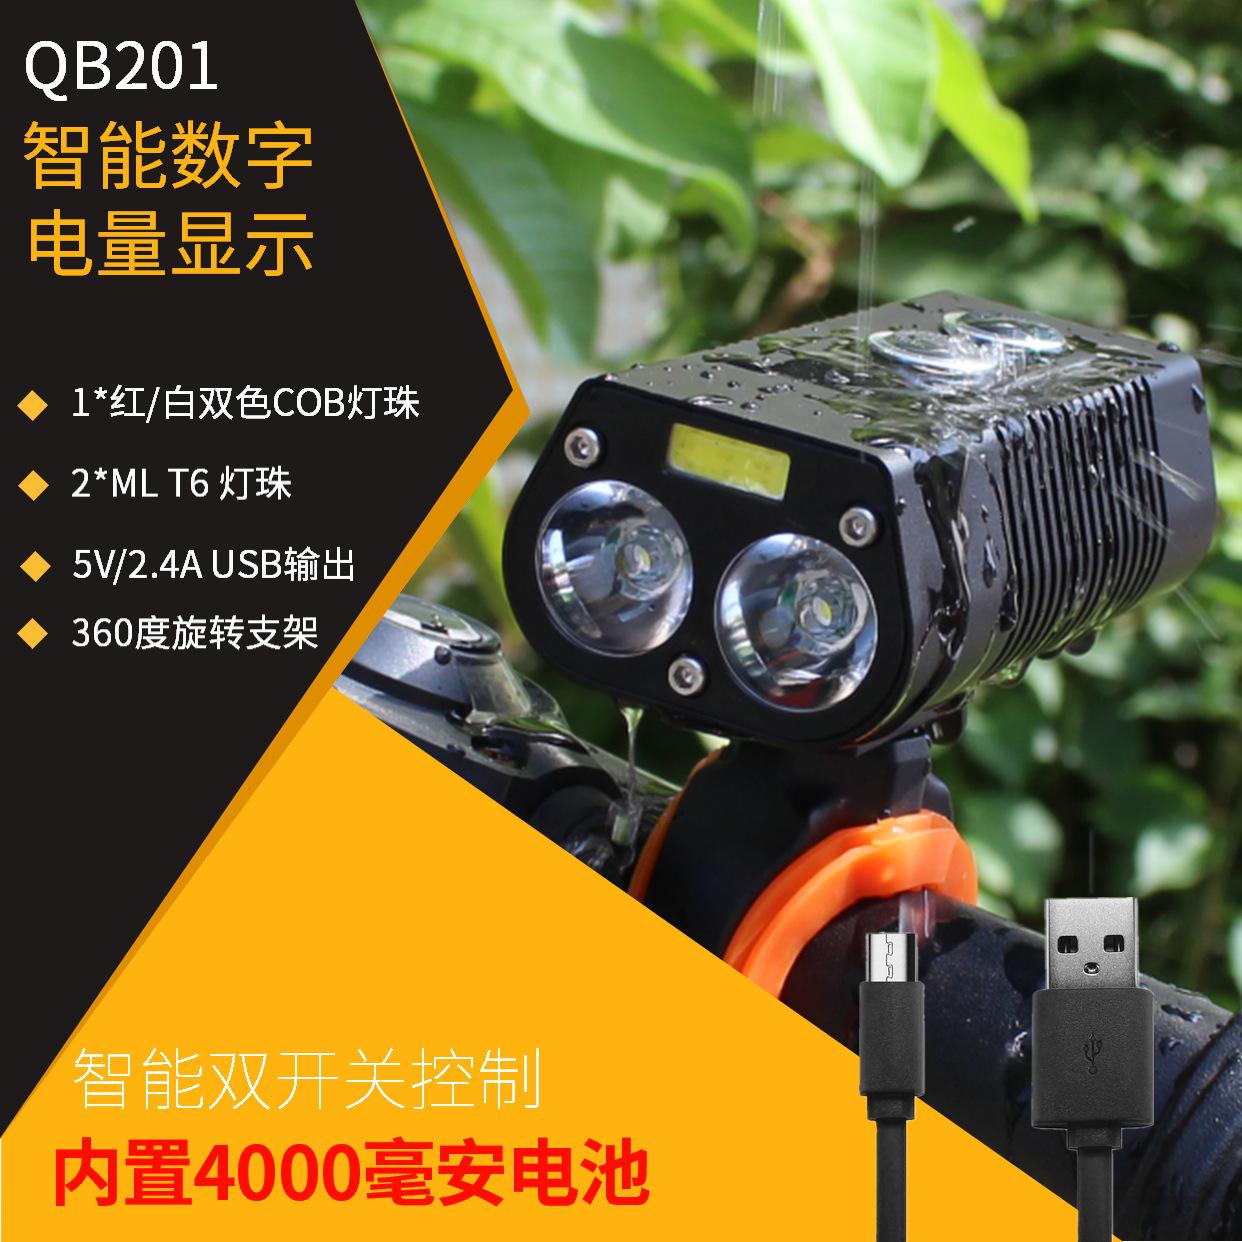 MAGPOWER Đèn xe mới sạc kho báu USB ngoài trời sạc xe đạp đèn pha Đồng hồ bấm giờ COB đèn xe đạp